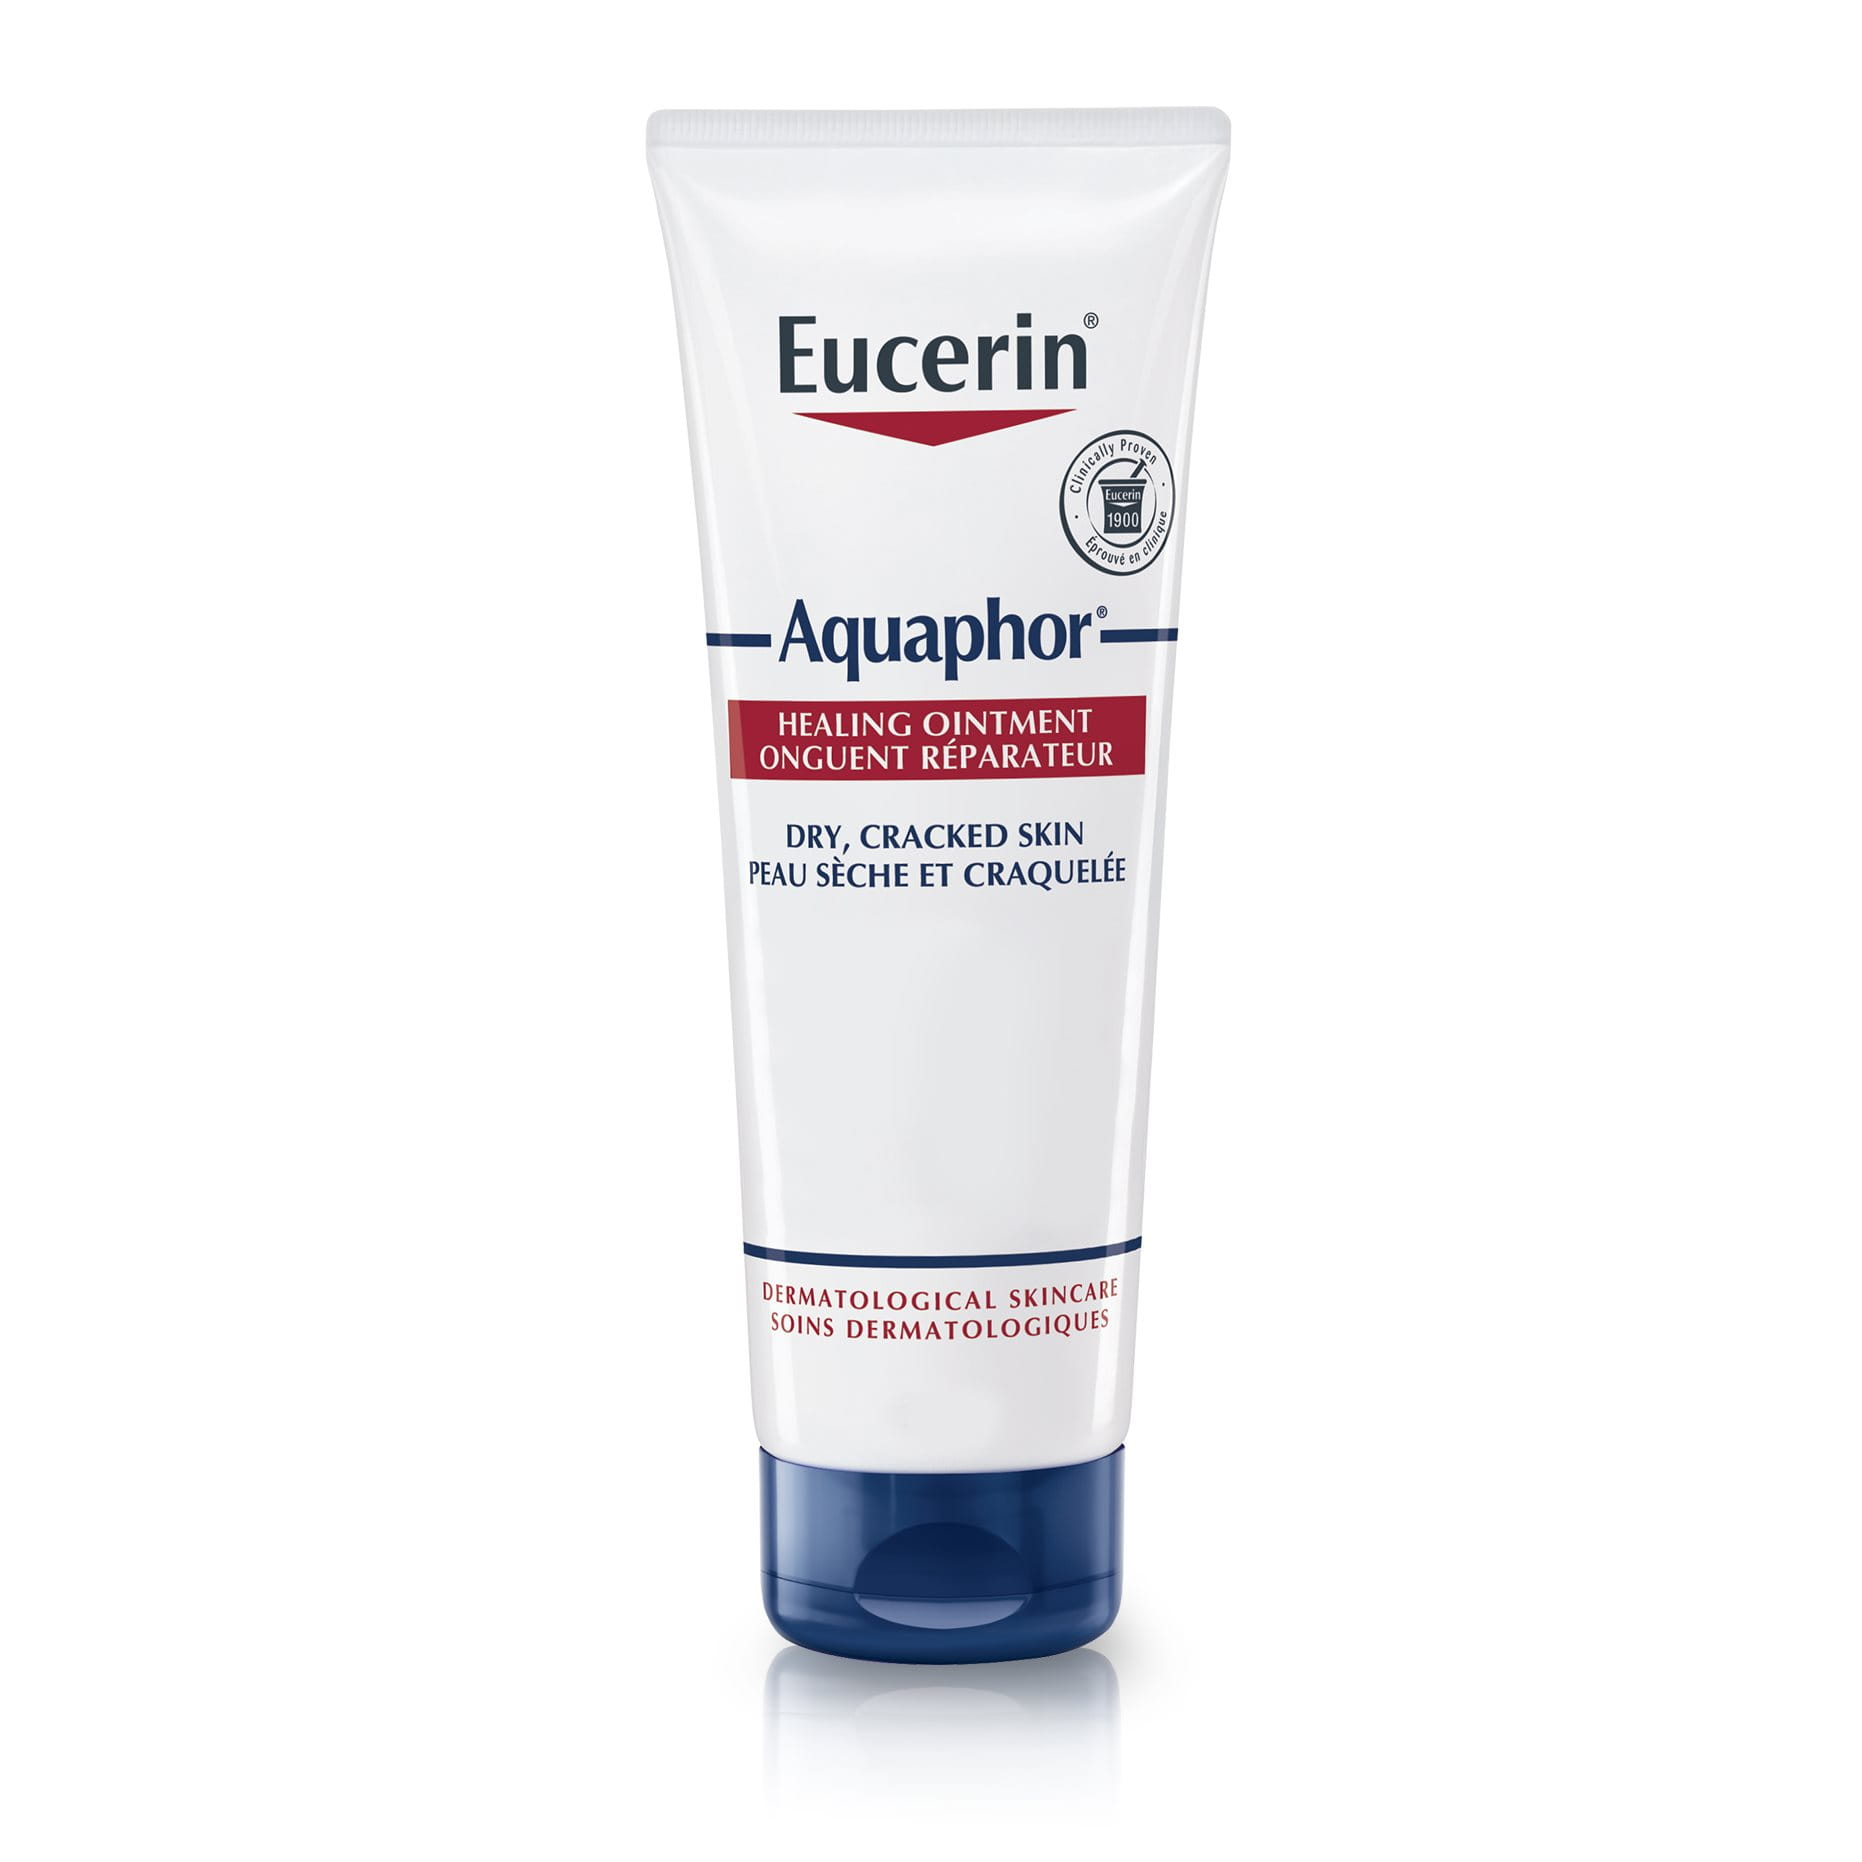 Onguent Réparateur Eucerin Aquaphor